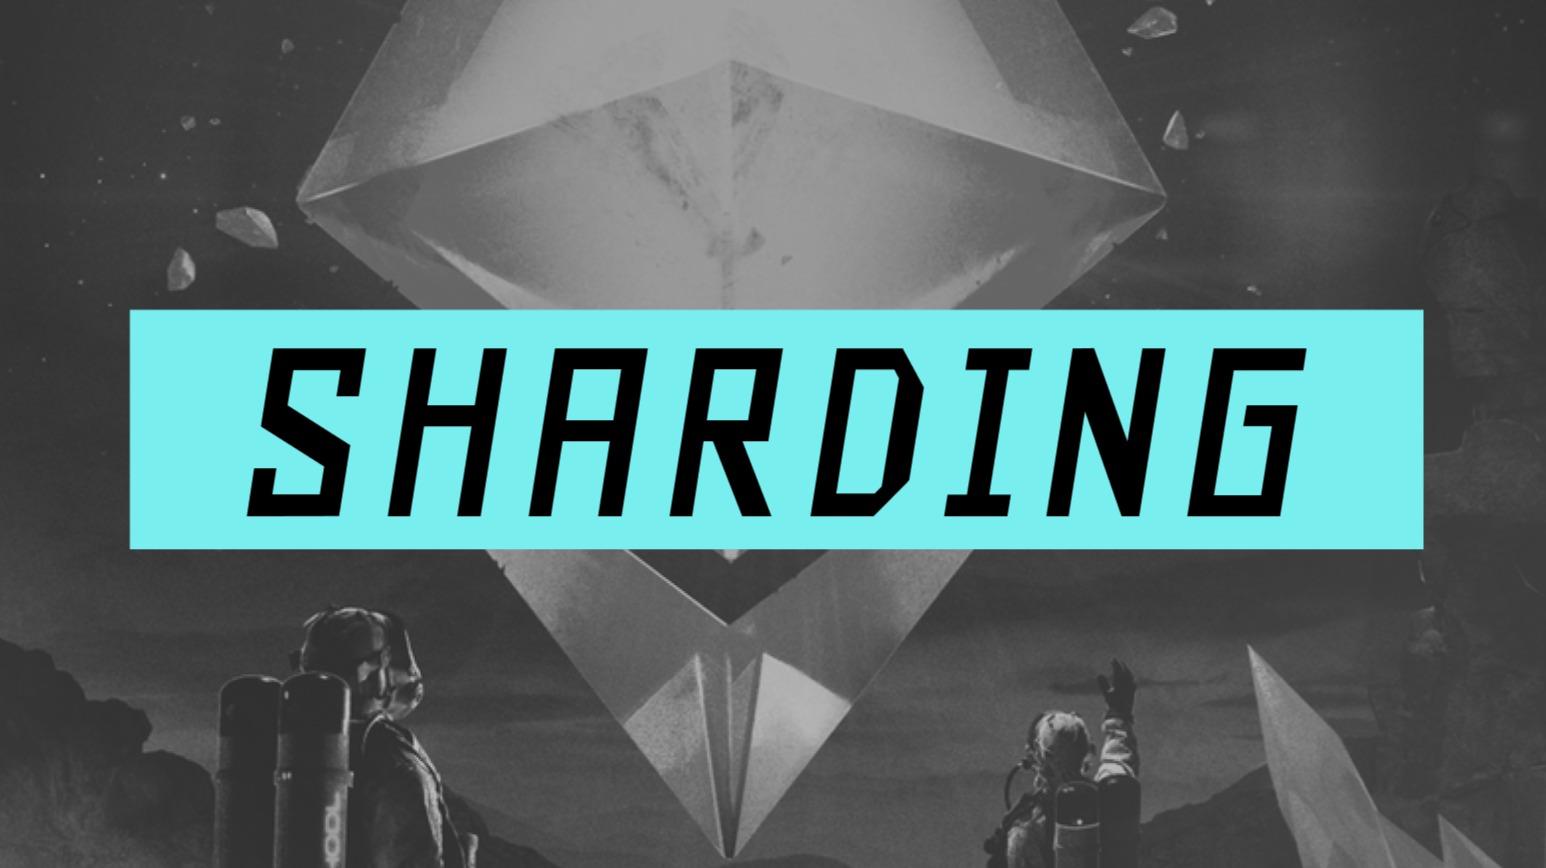 Sharding, explained